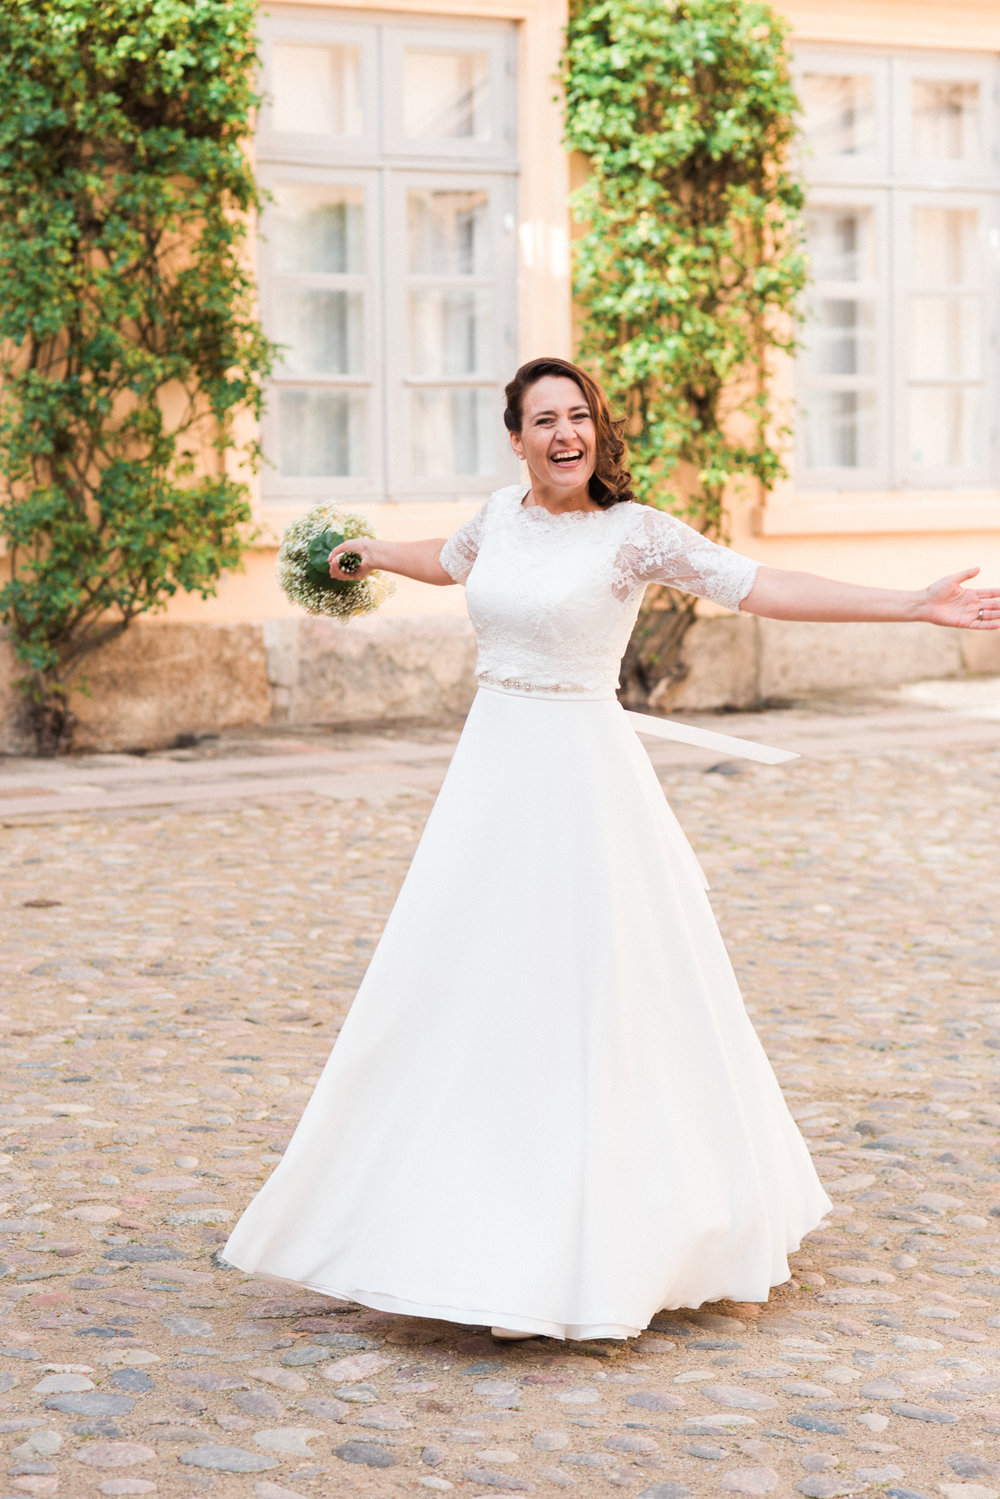 Bluhm-Hochzeitsfotograf-HochzeitamMeer-48.jpg